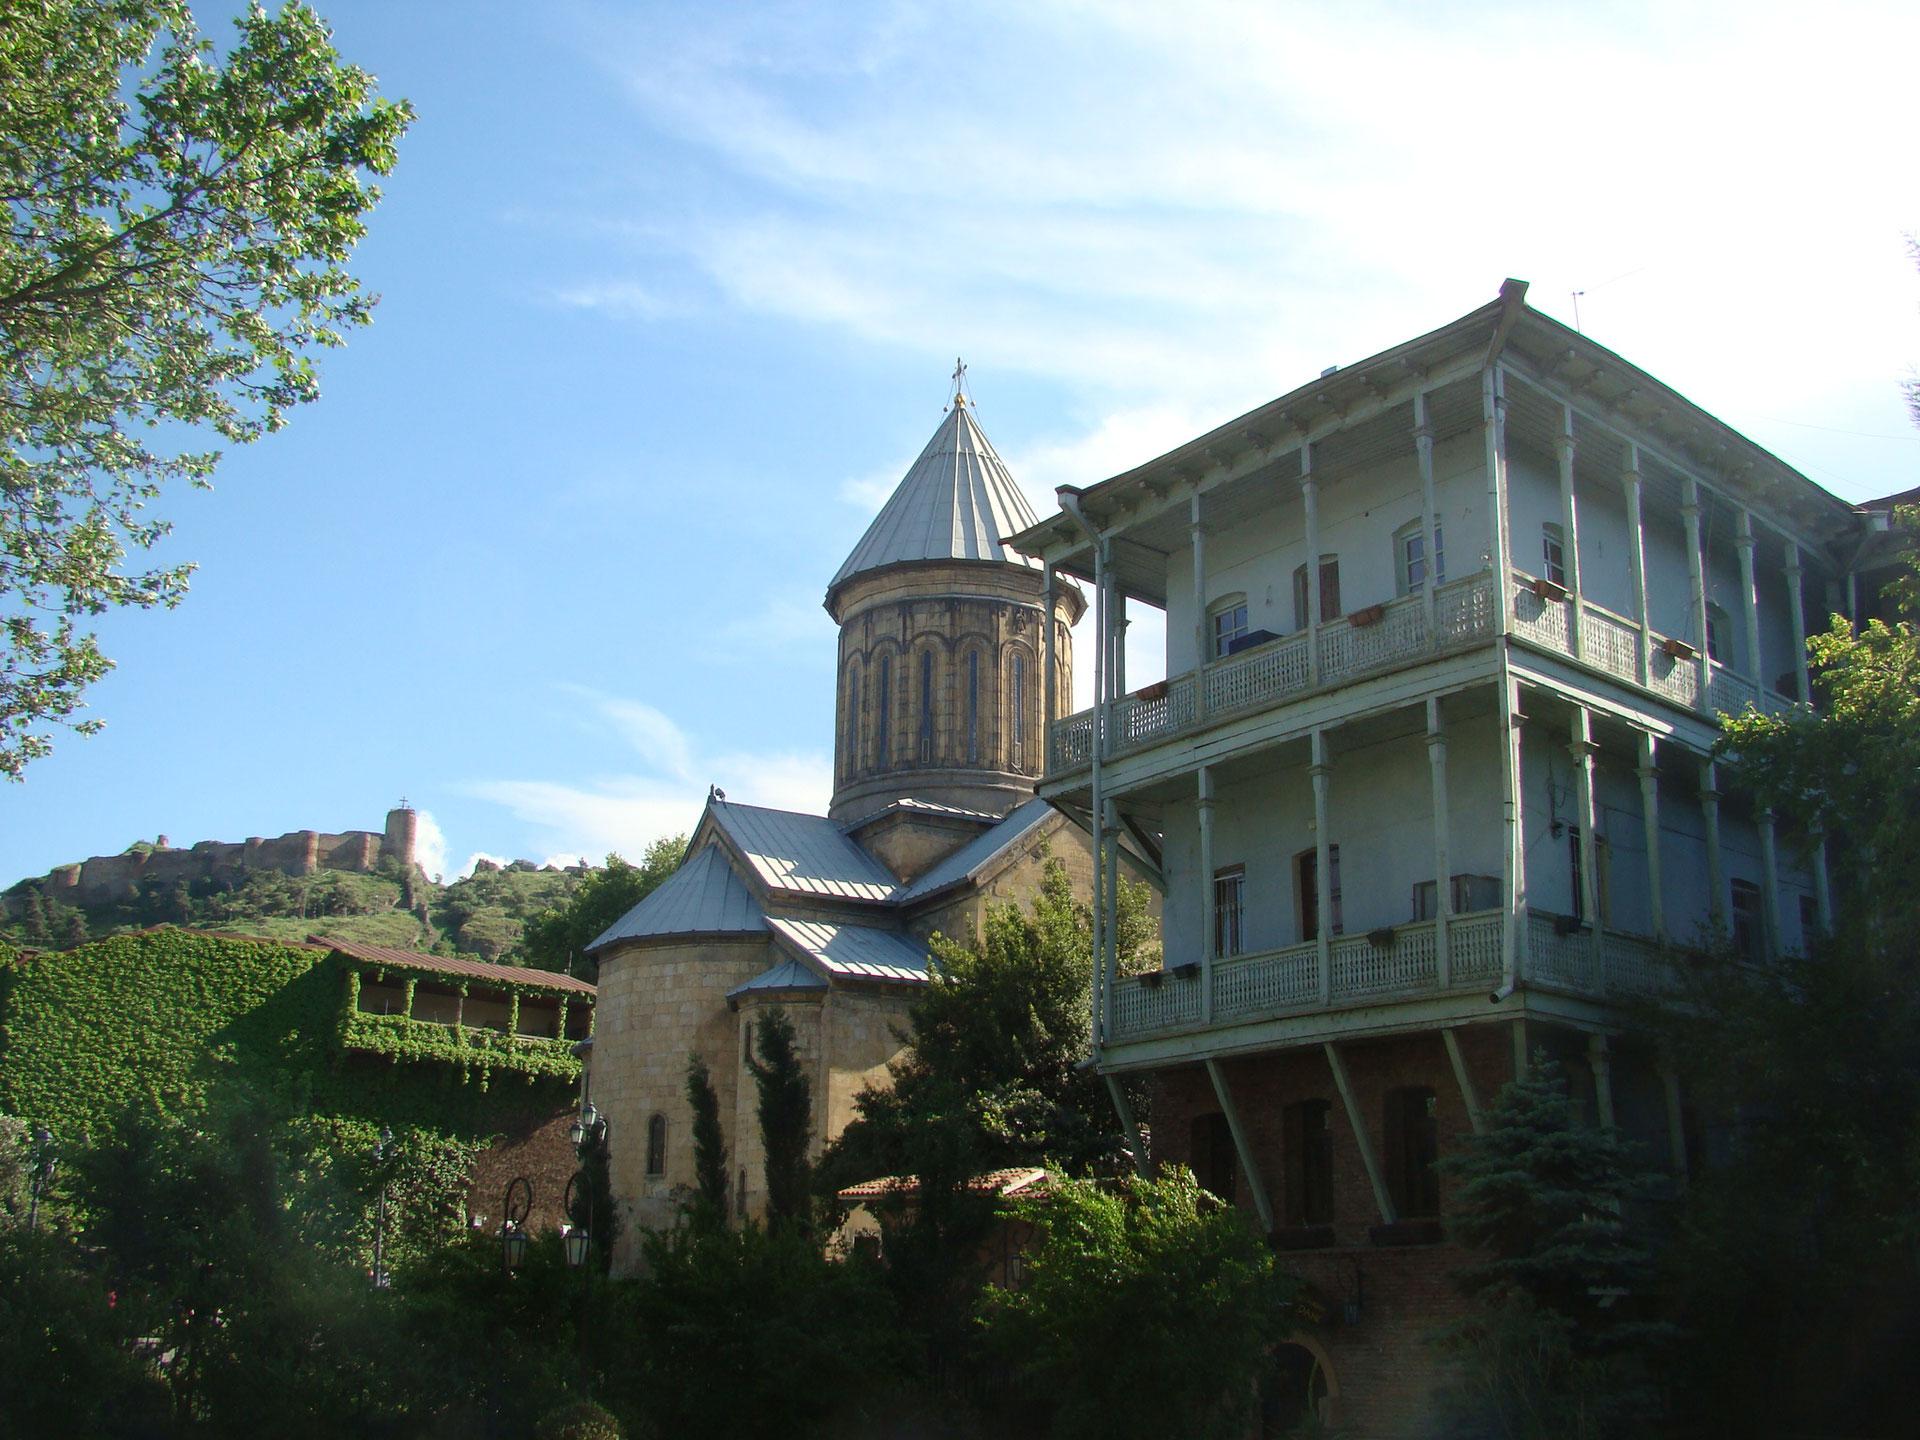 Sites de rencontres Géorgie Tbilissi